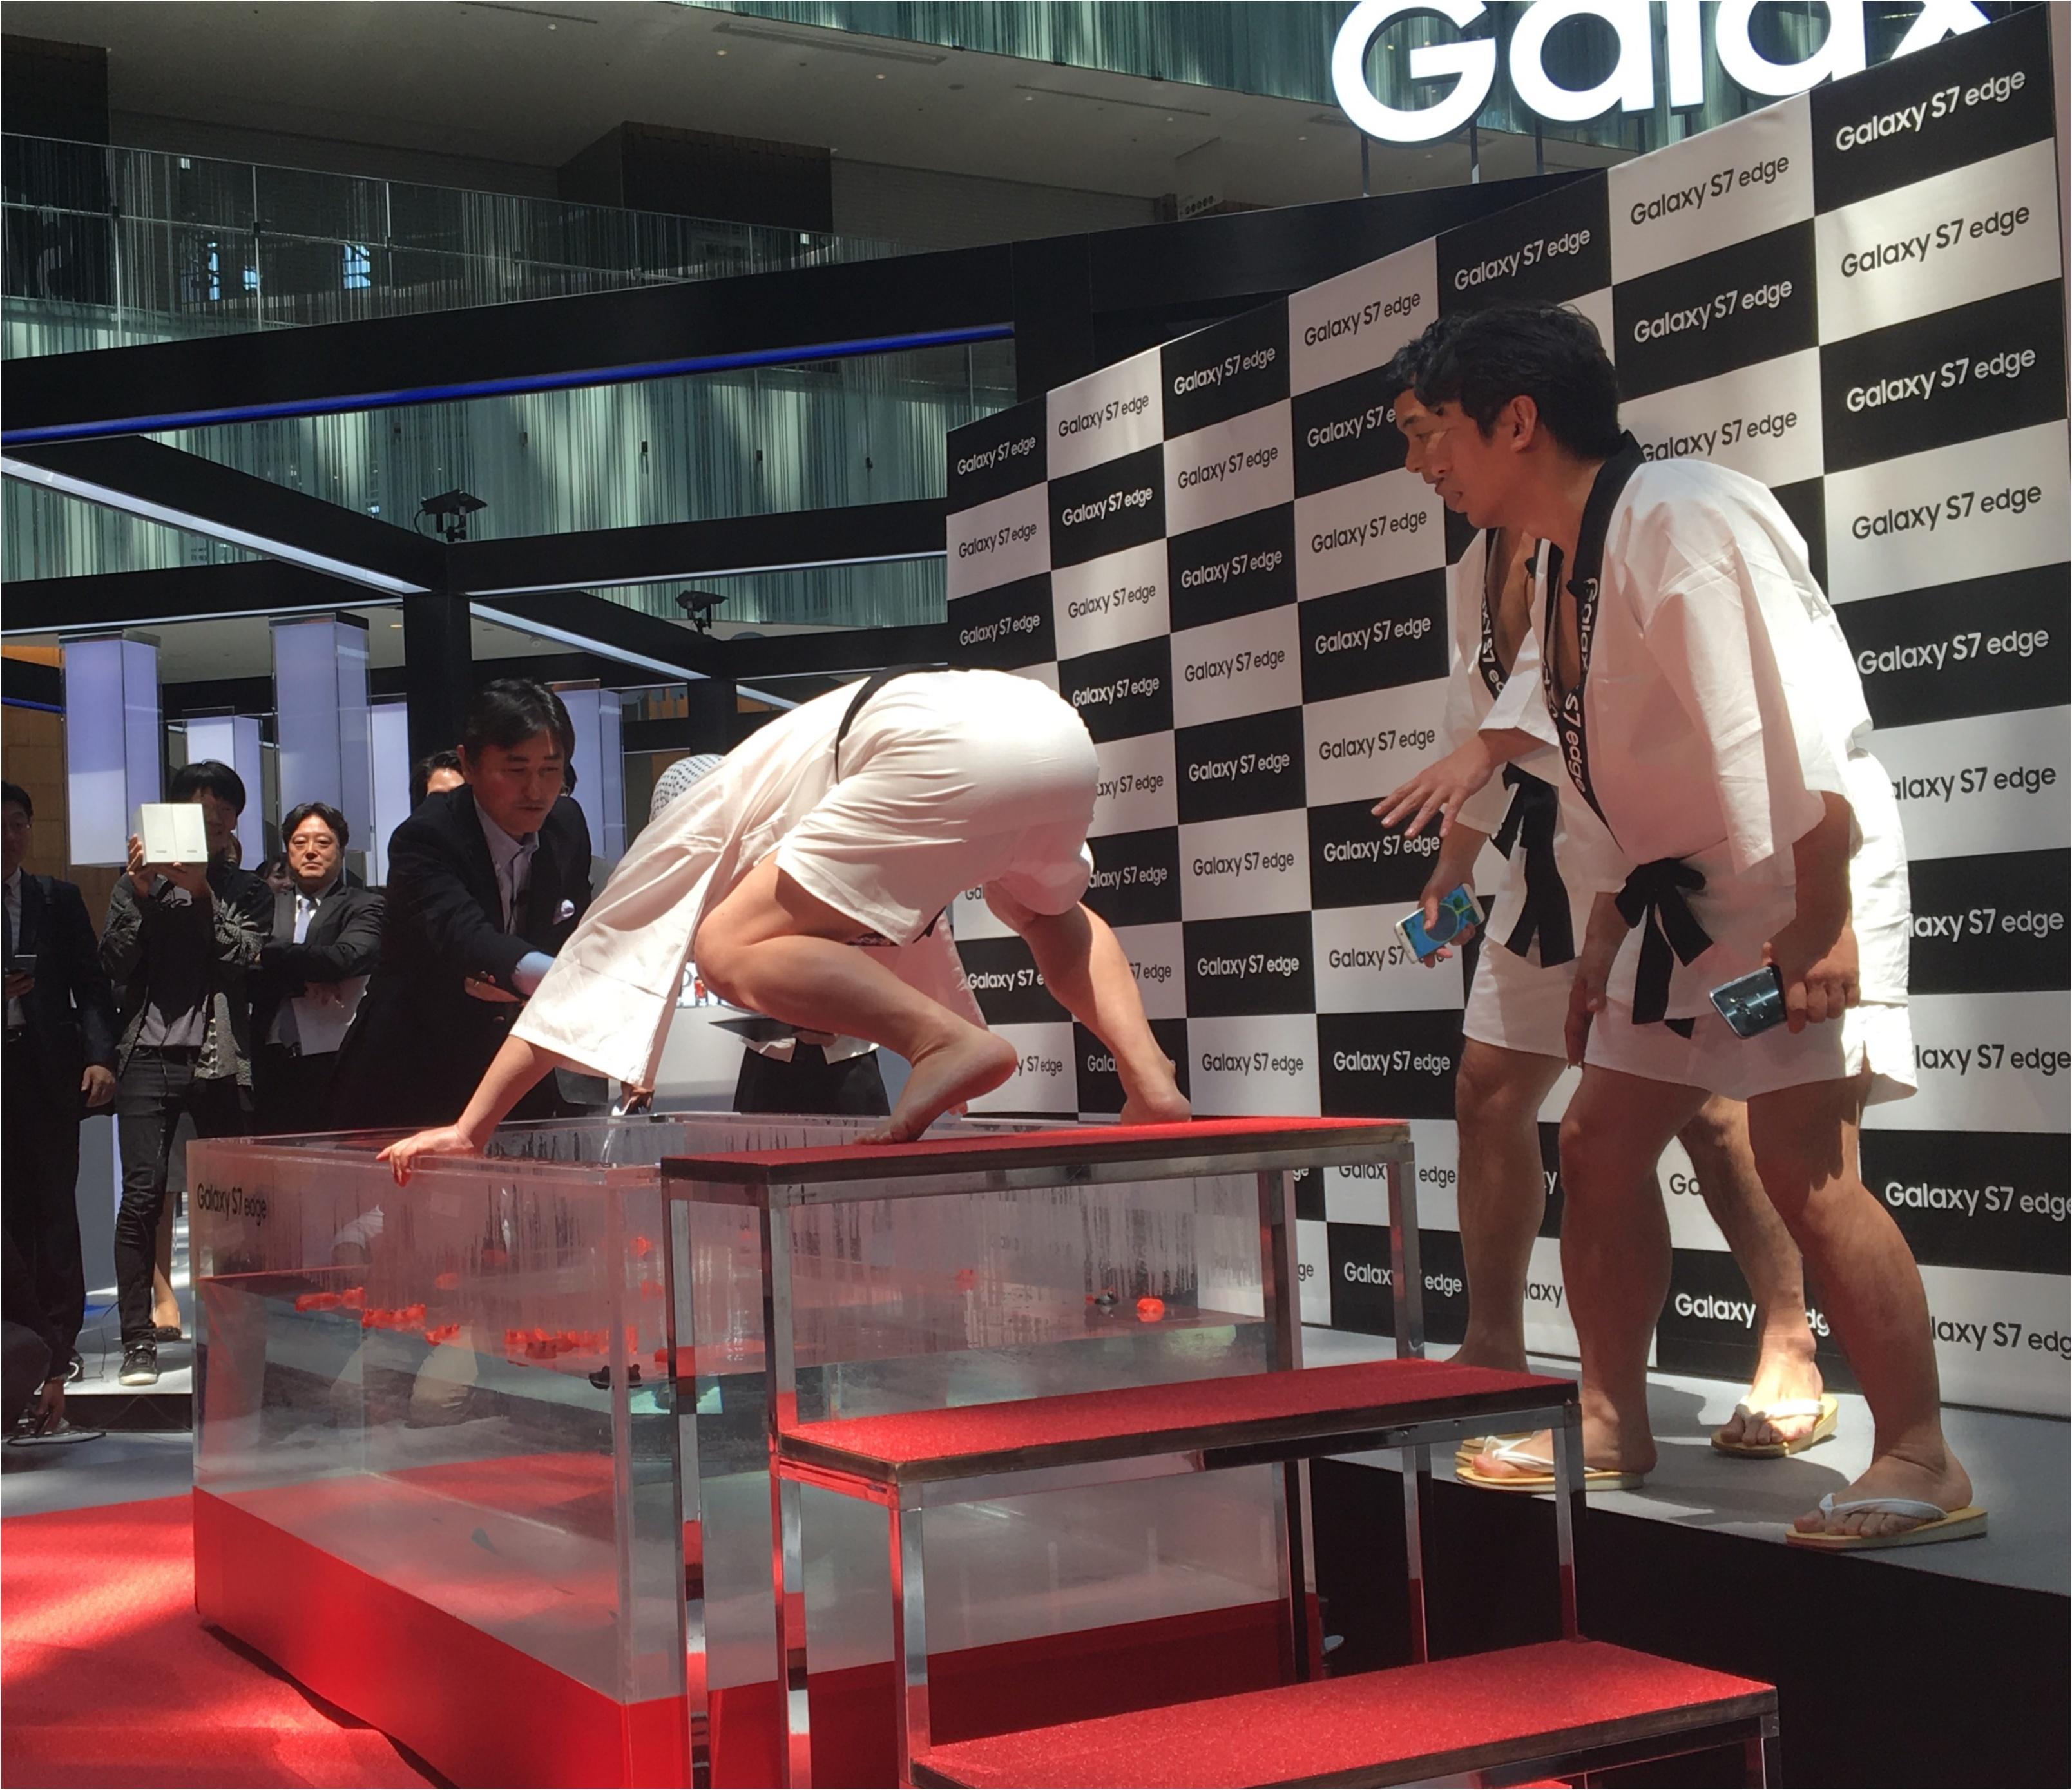 丸の内でジェットコースターとサーフィンが体験できる!? 期間限定『Galaxy Studio』が面白すぎ☆_4